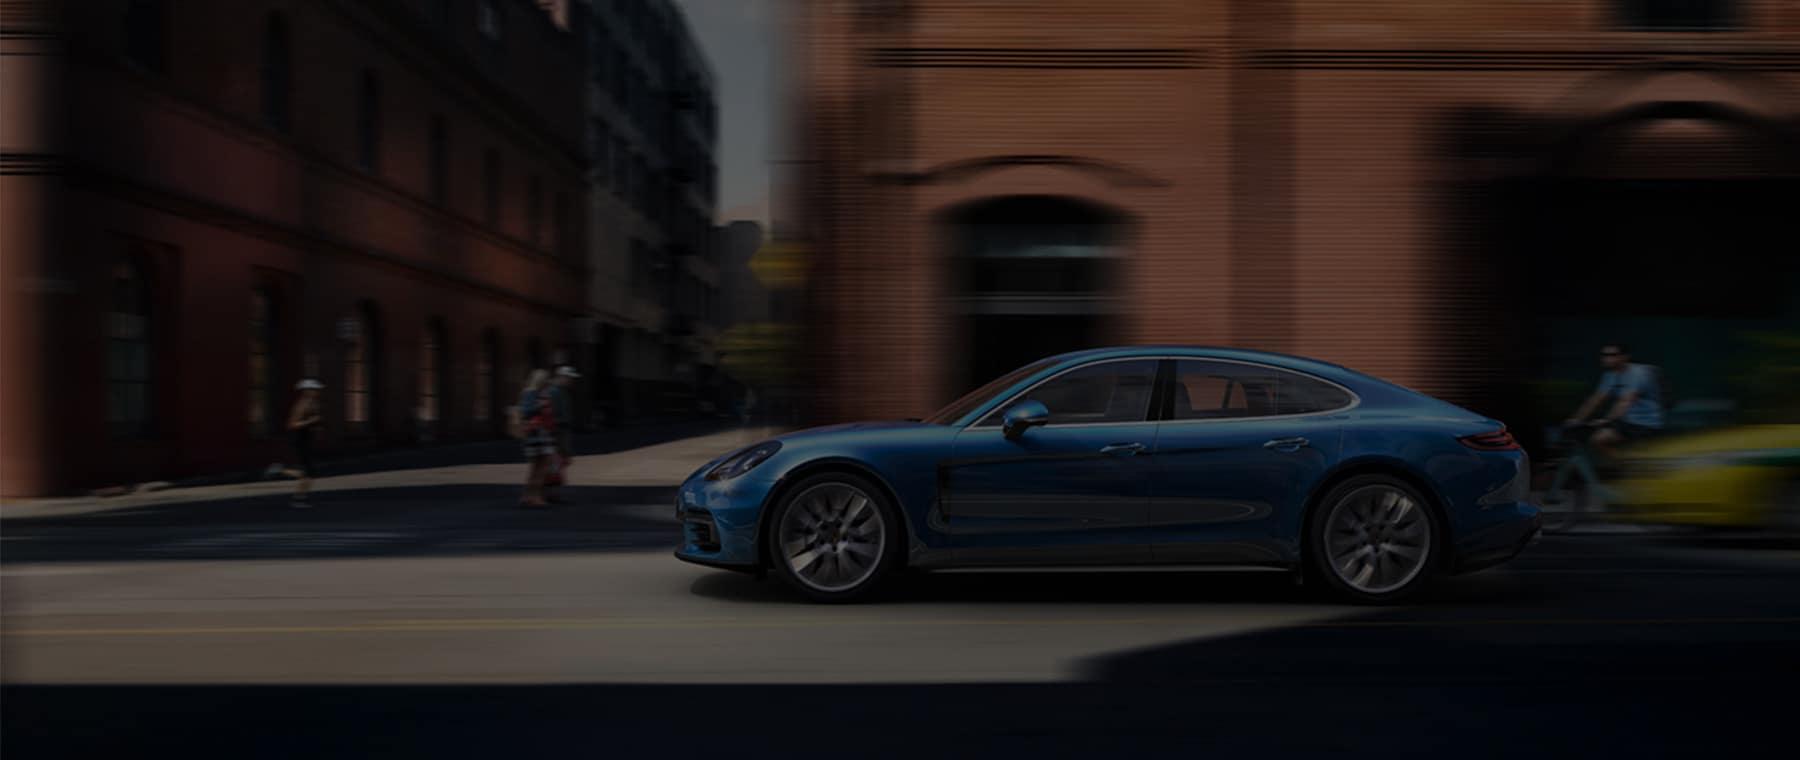 Rusnak/Westlake Porsche mobile